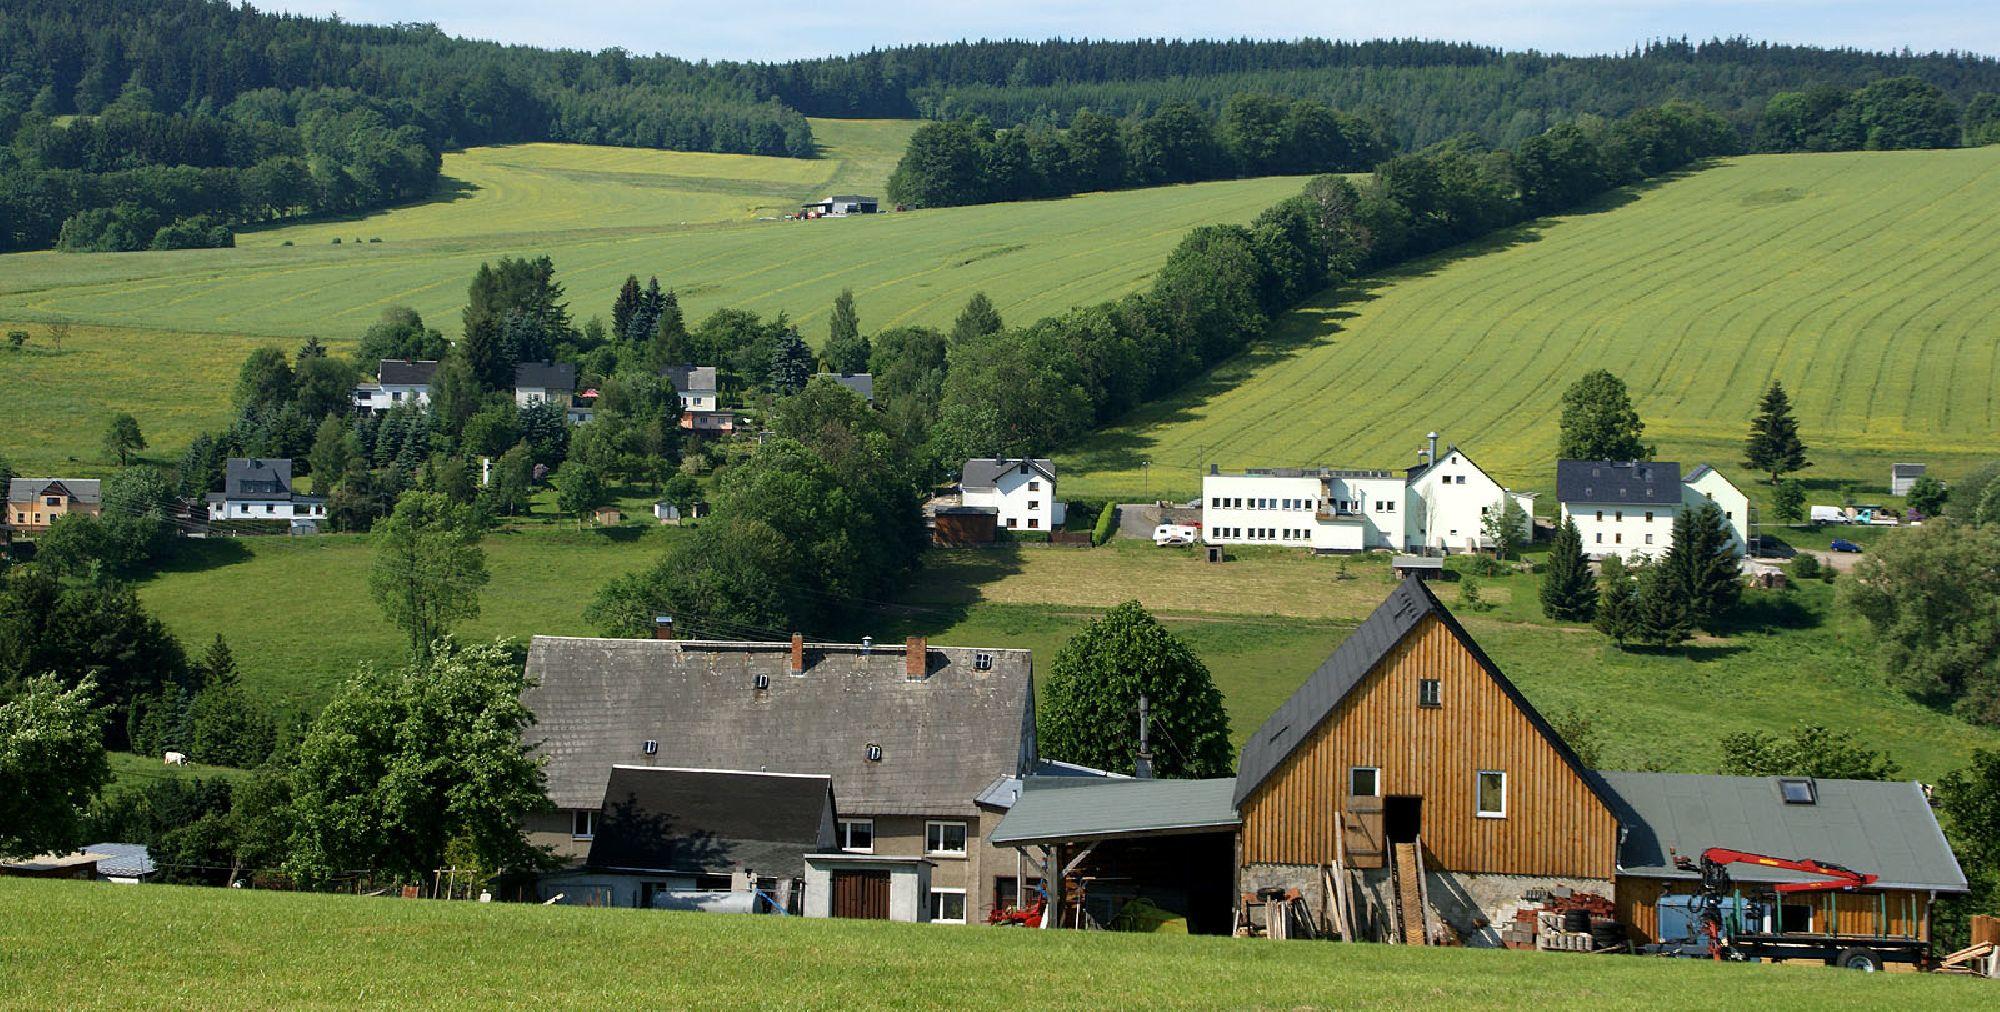 Blick auf den Ansprunger Ortsteil Sorgau